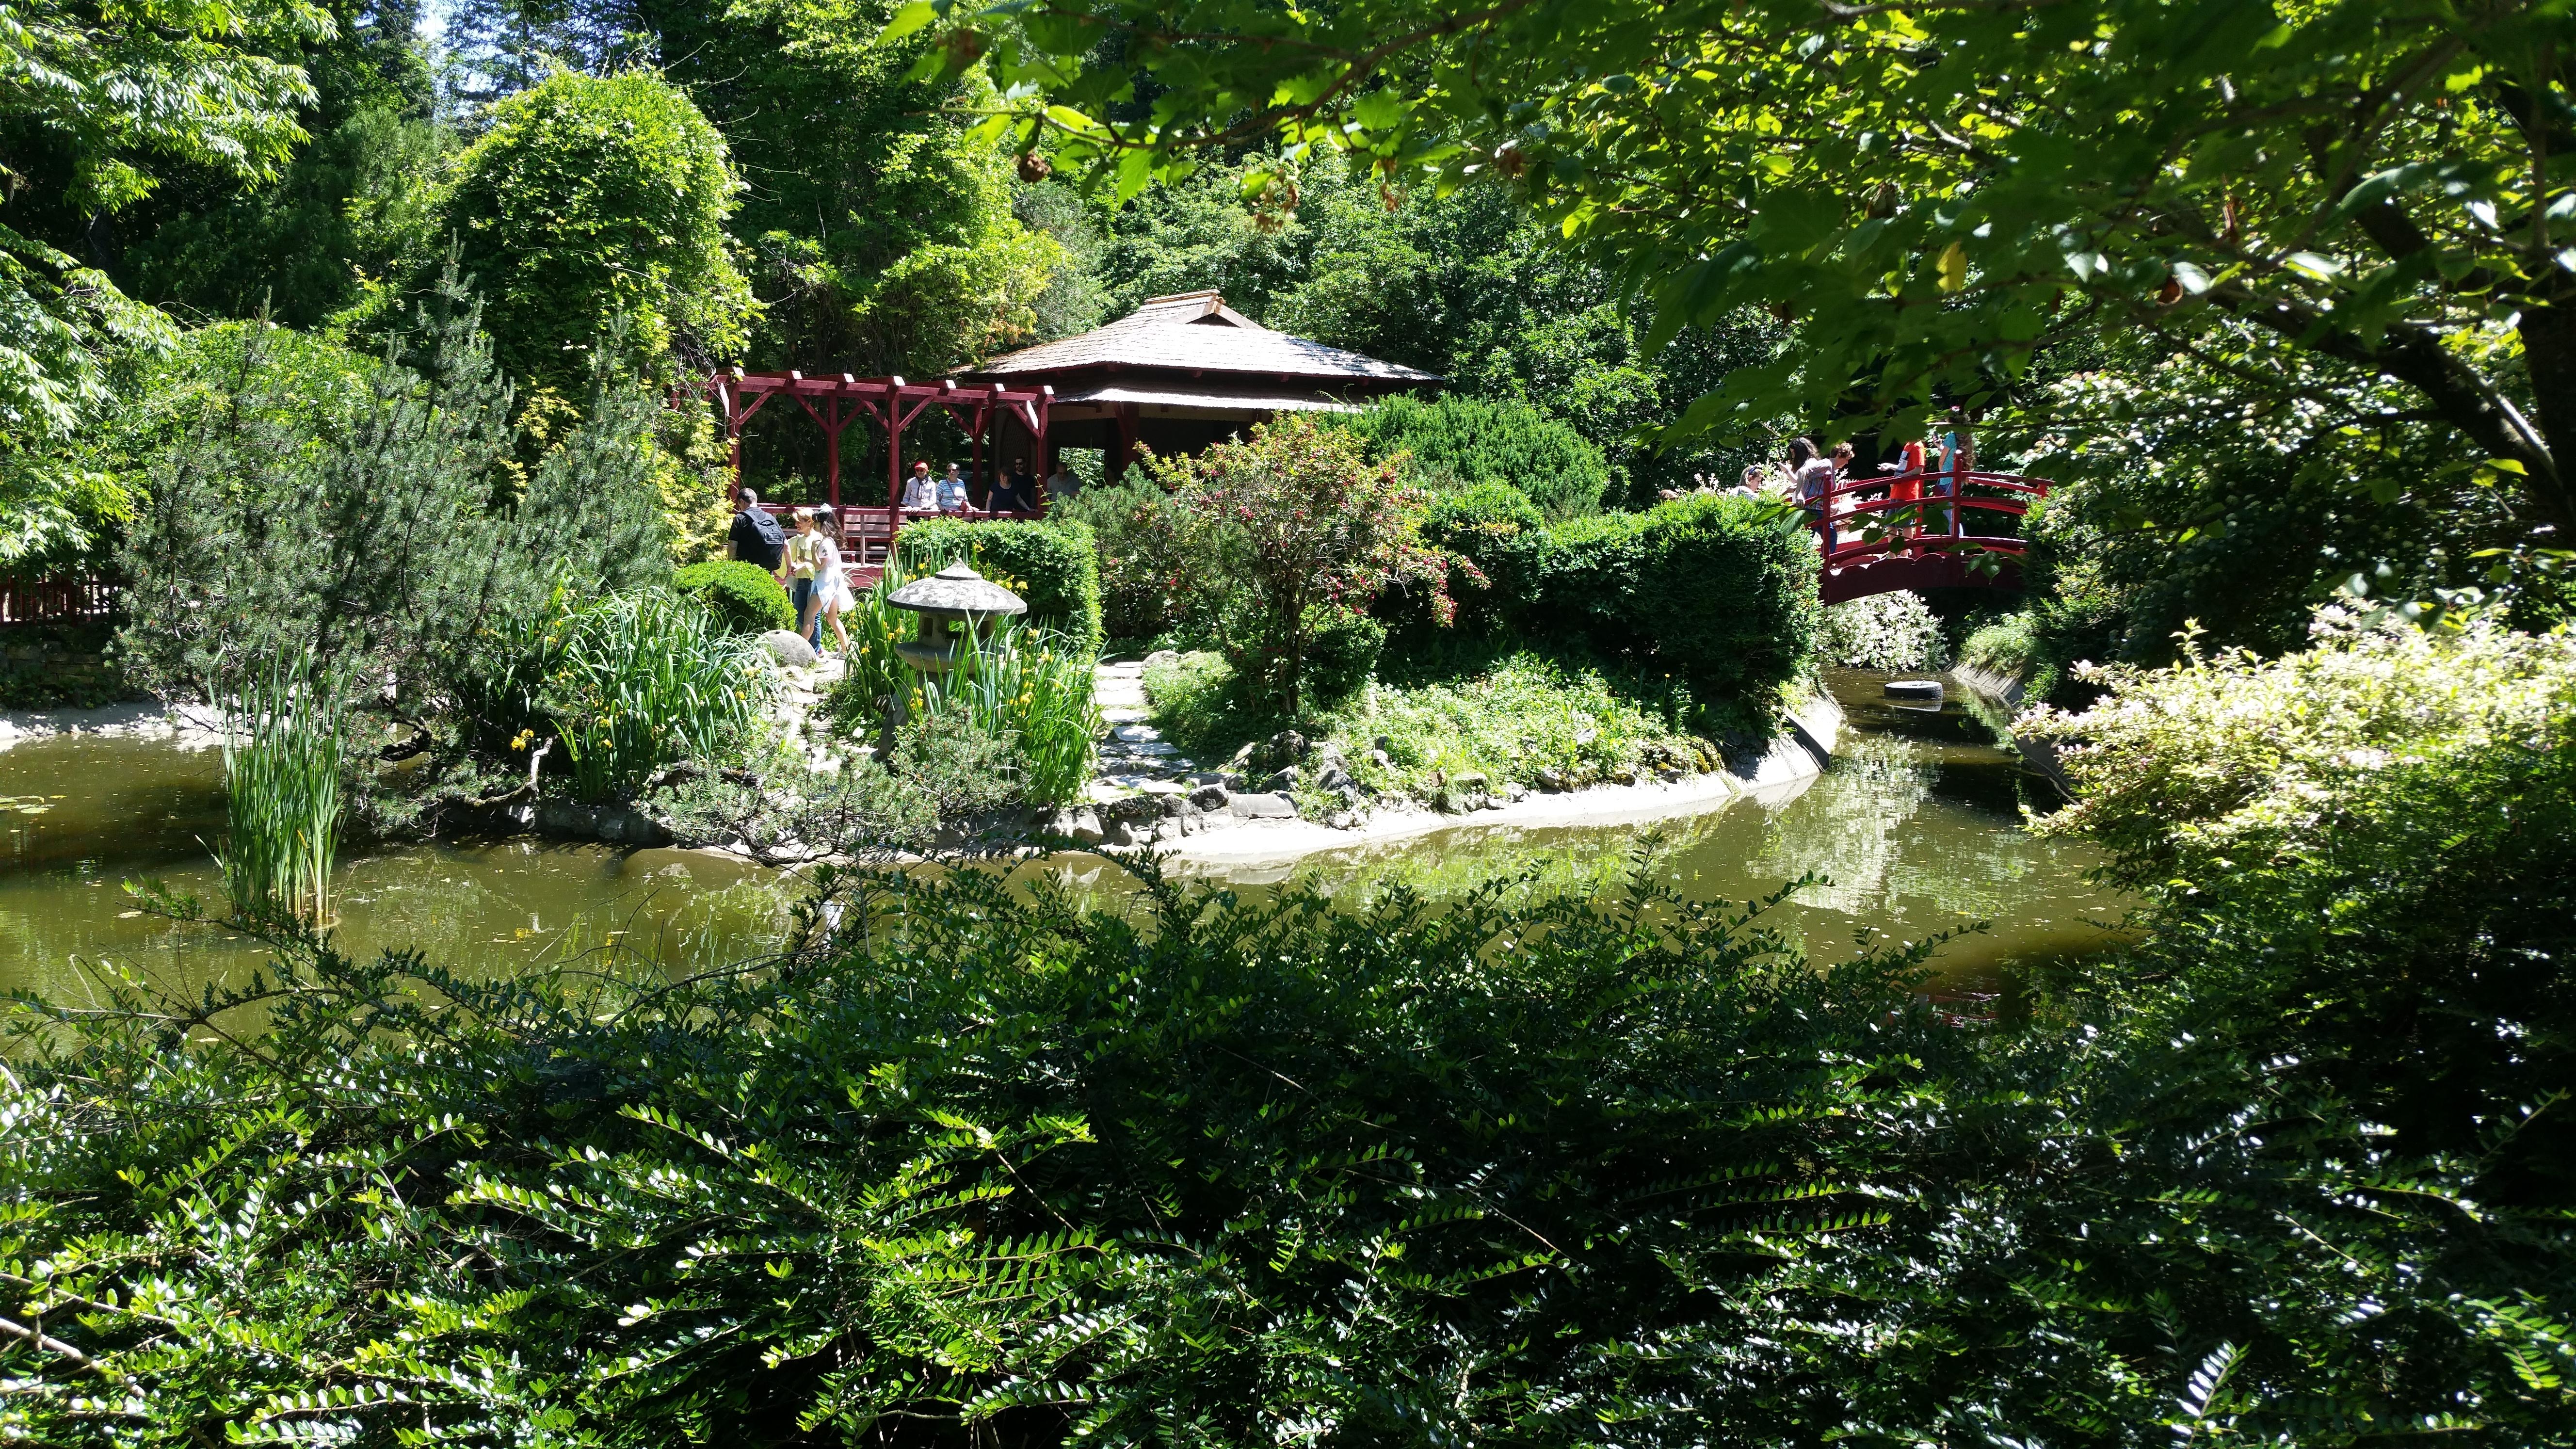 Grădina japoneză. Grădina Botanică. Cluj.